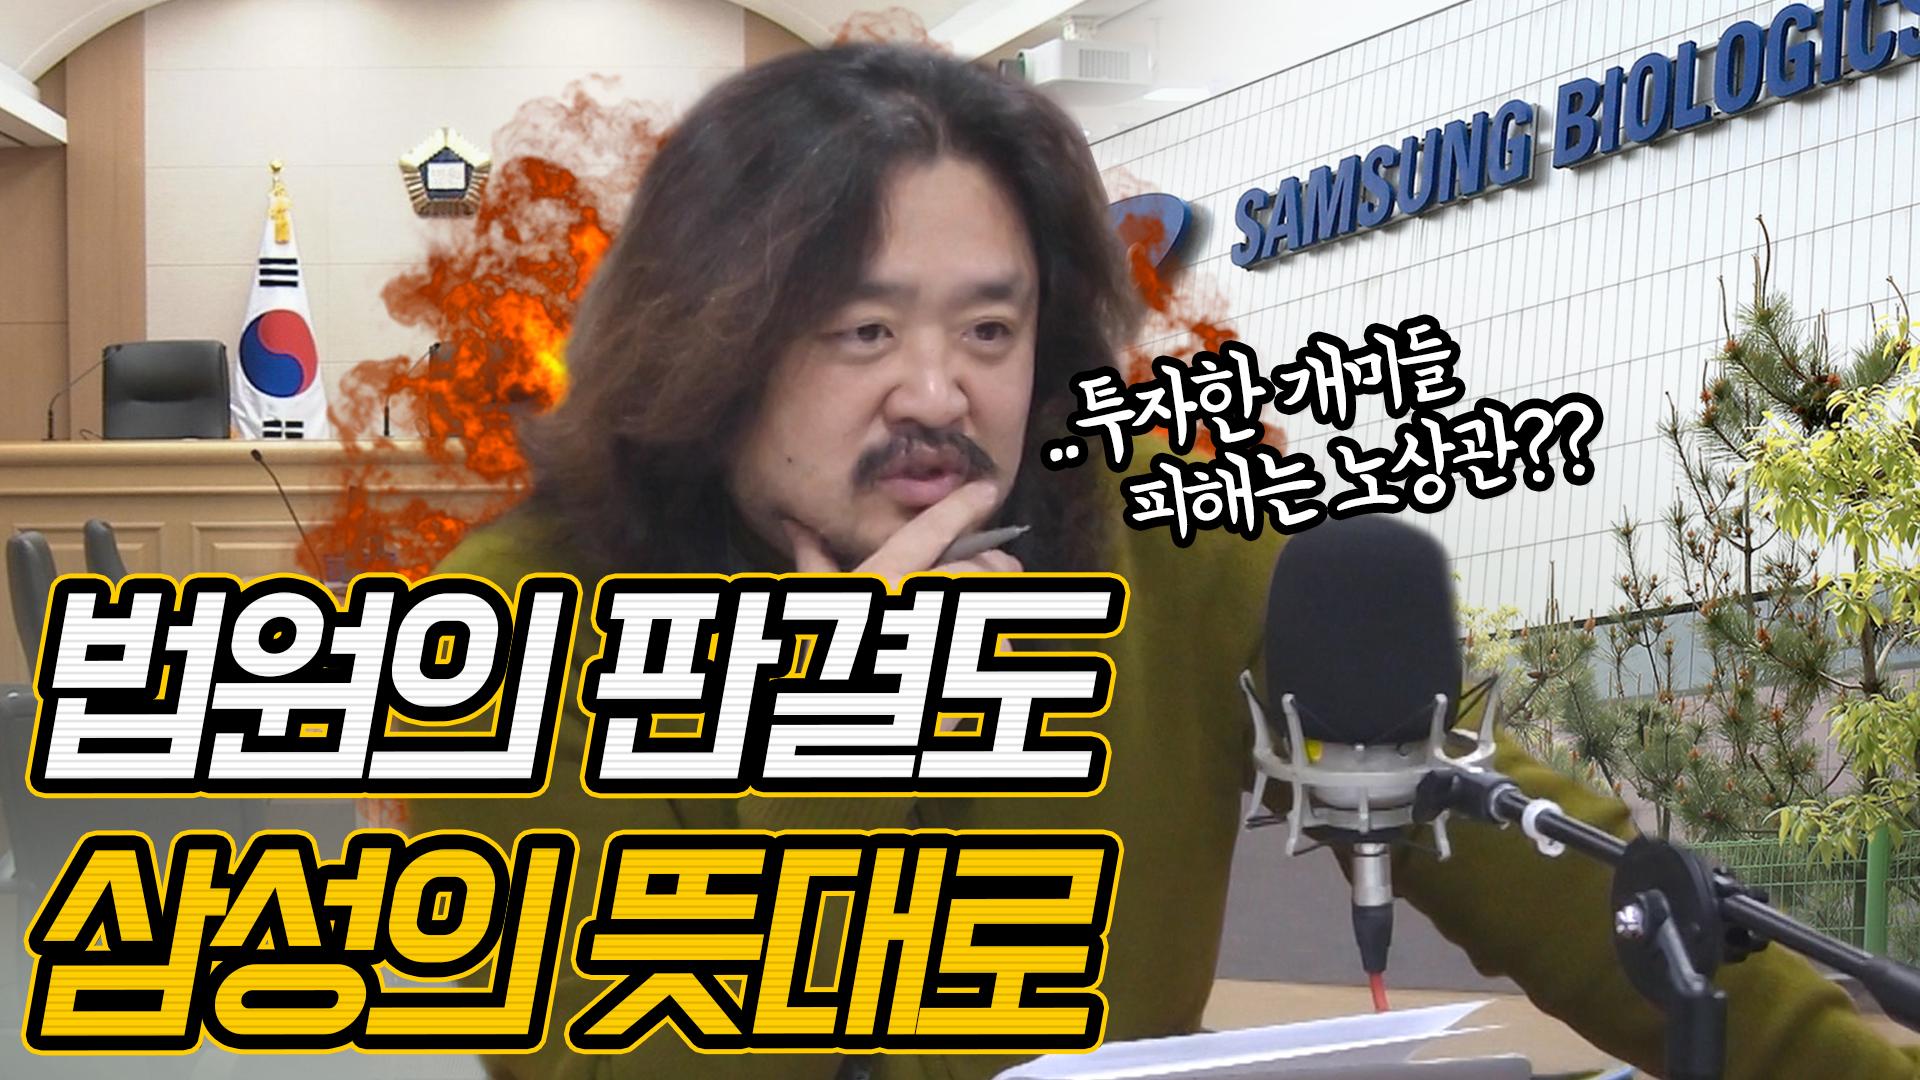 법원의 판결도 삼성의 뜻대로 [김어준의 뉴스공장/김어준 생각]